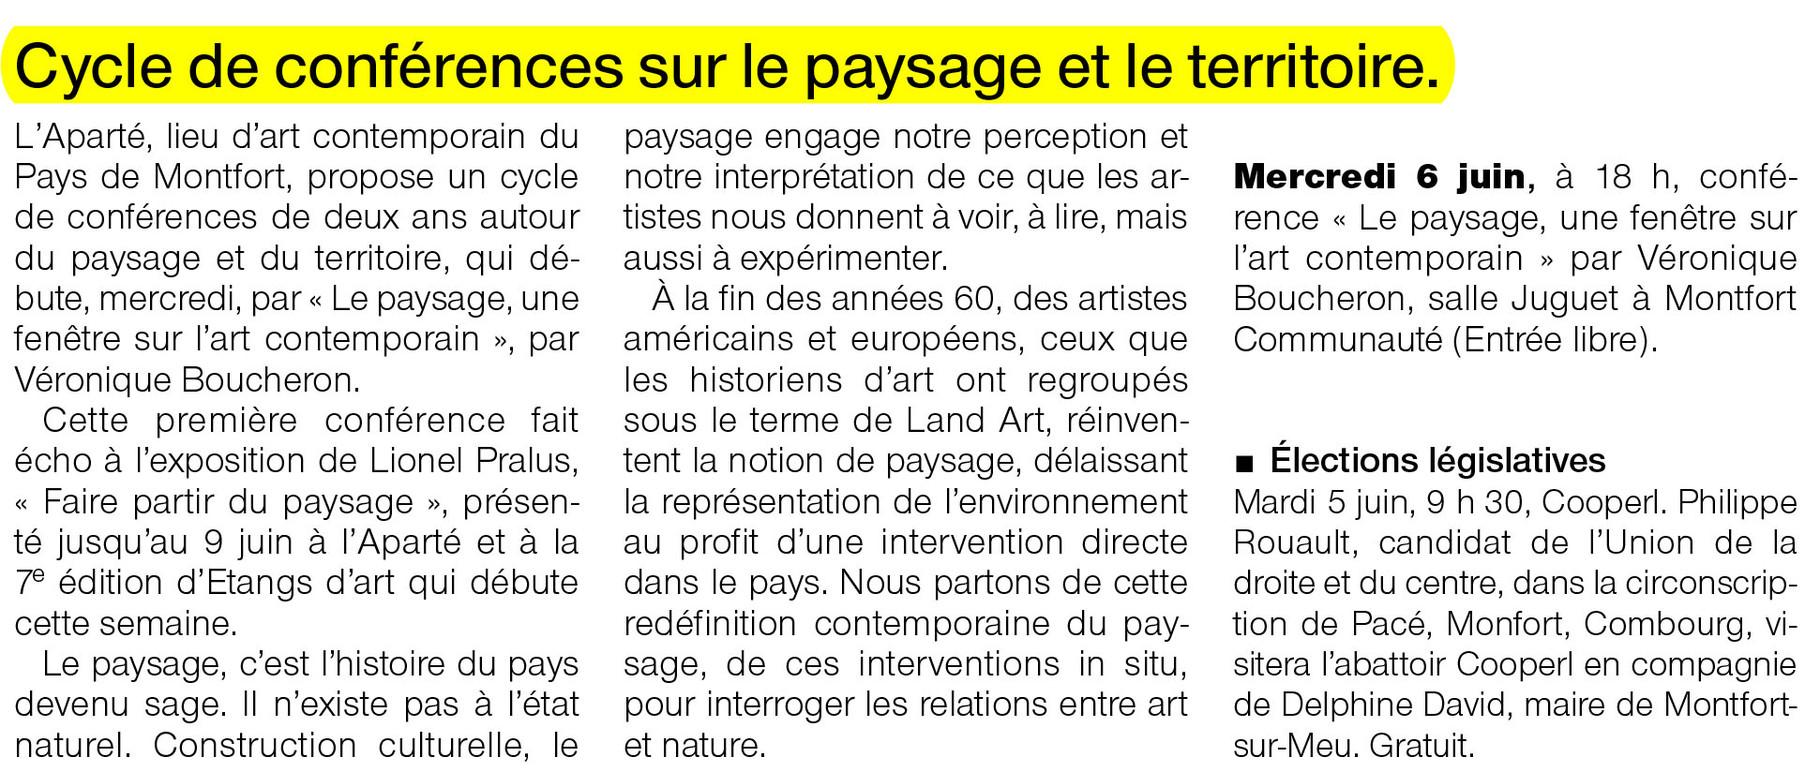 Ouest-France - 5 juin 2012